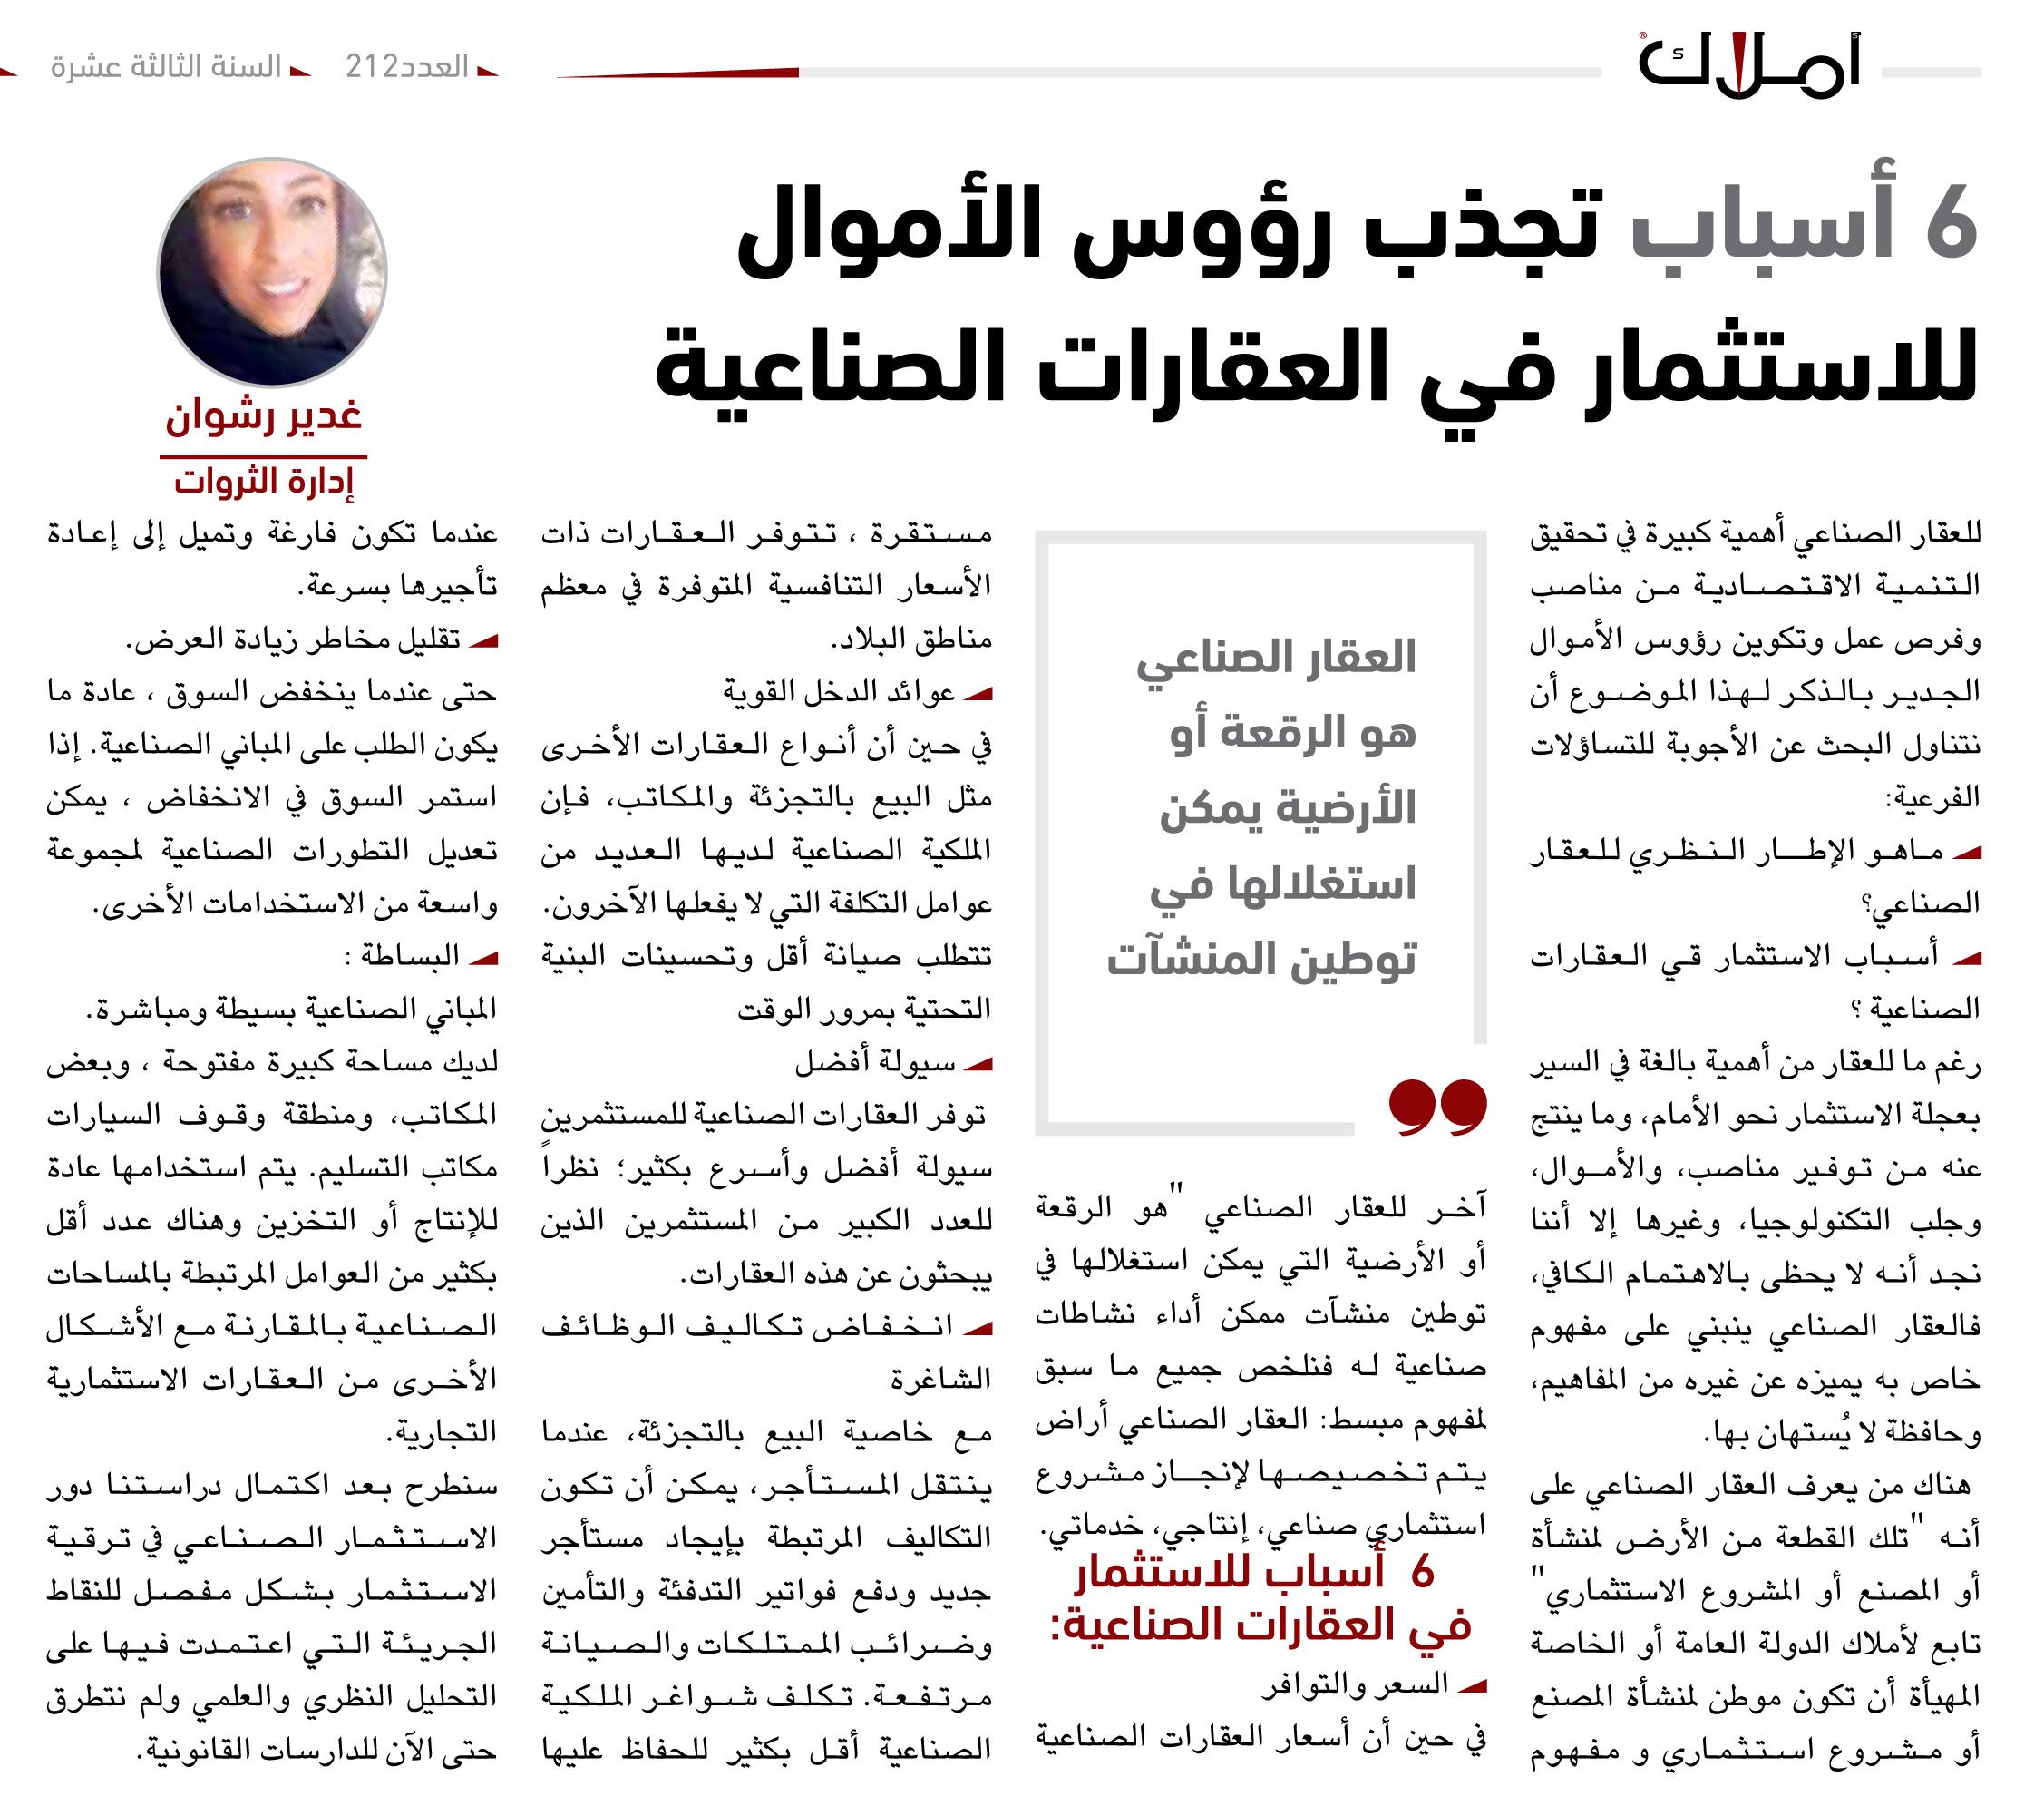 غدير رشوان - العقارات الصناعية